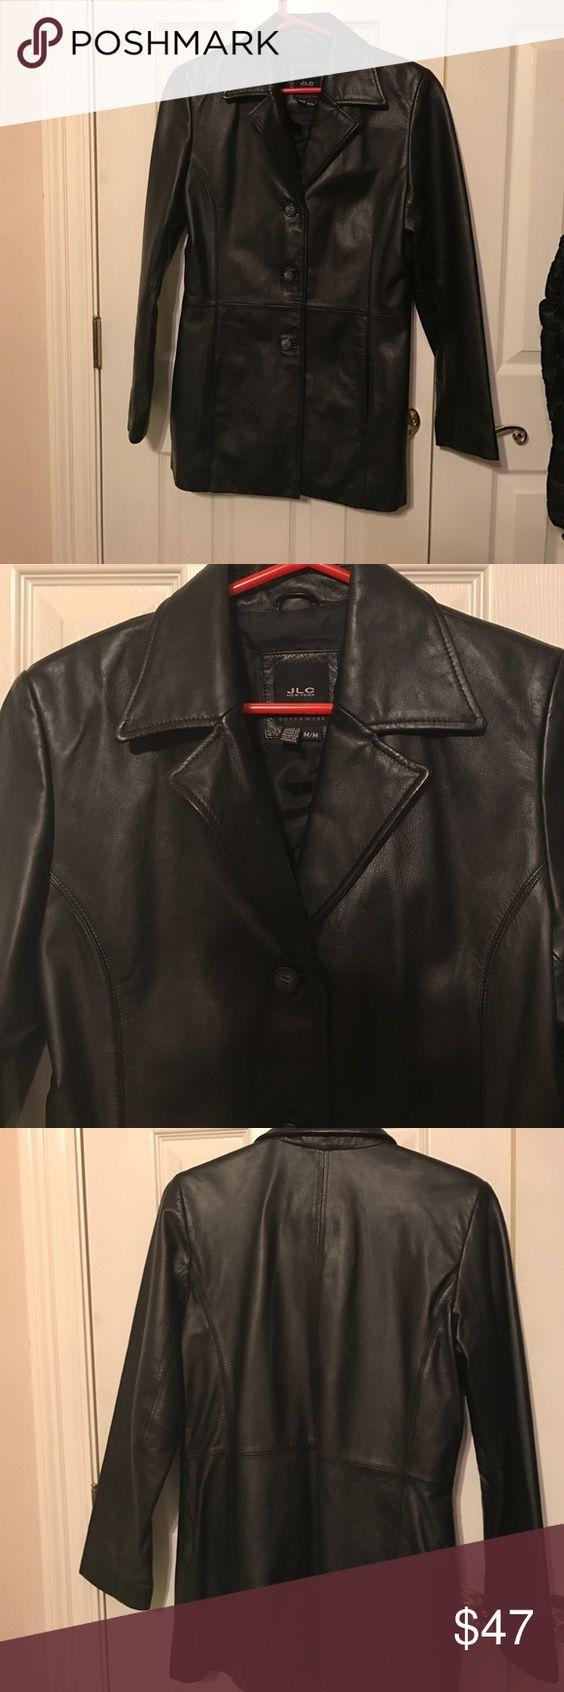 Leather jacket damage - Womans Black Leather Jacket Womans Black Leather Jacket By Jlc Of New York No Damage